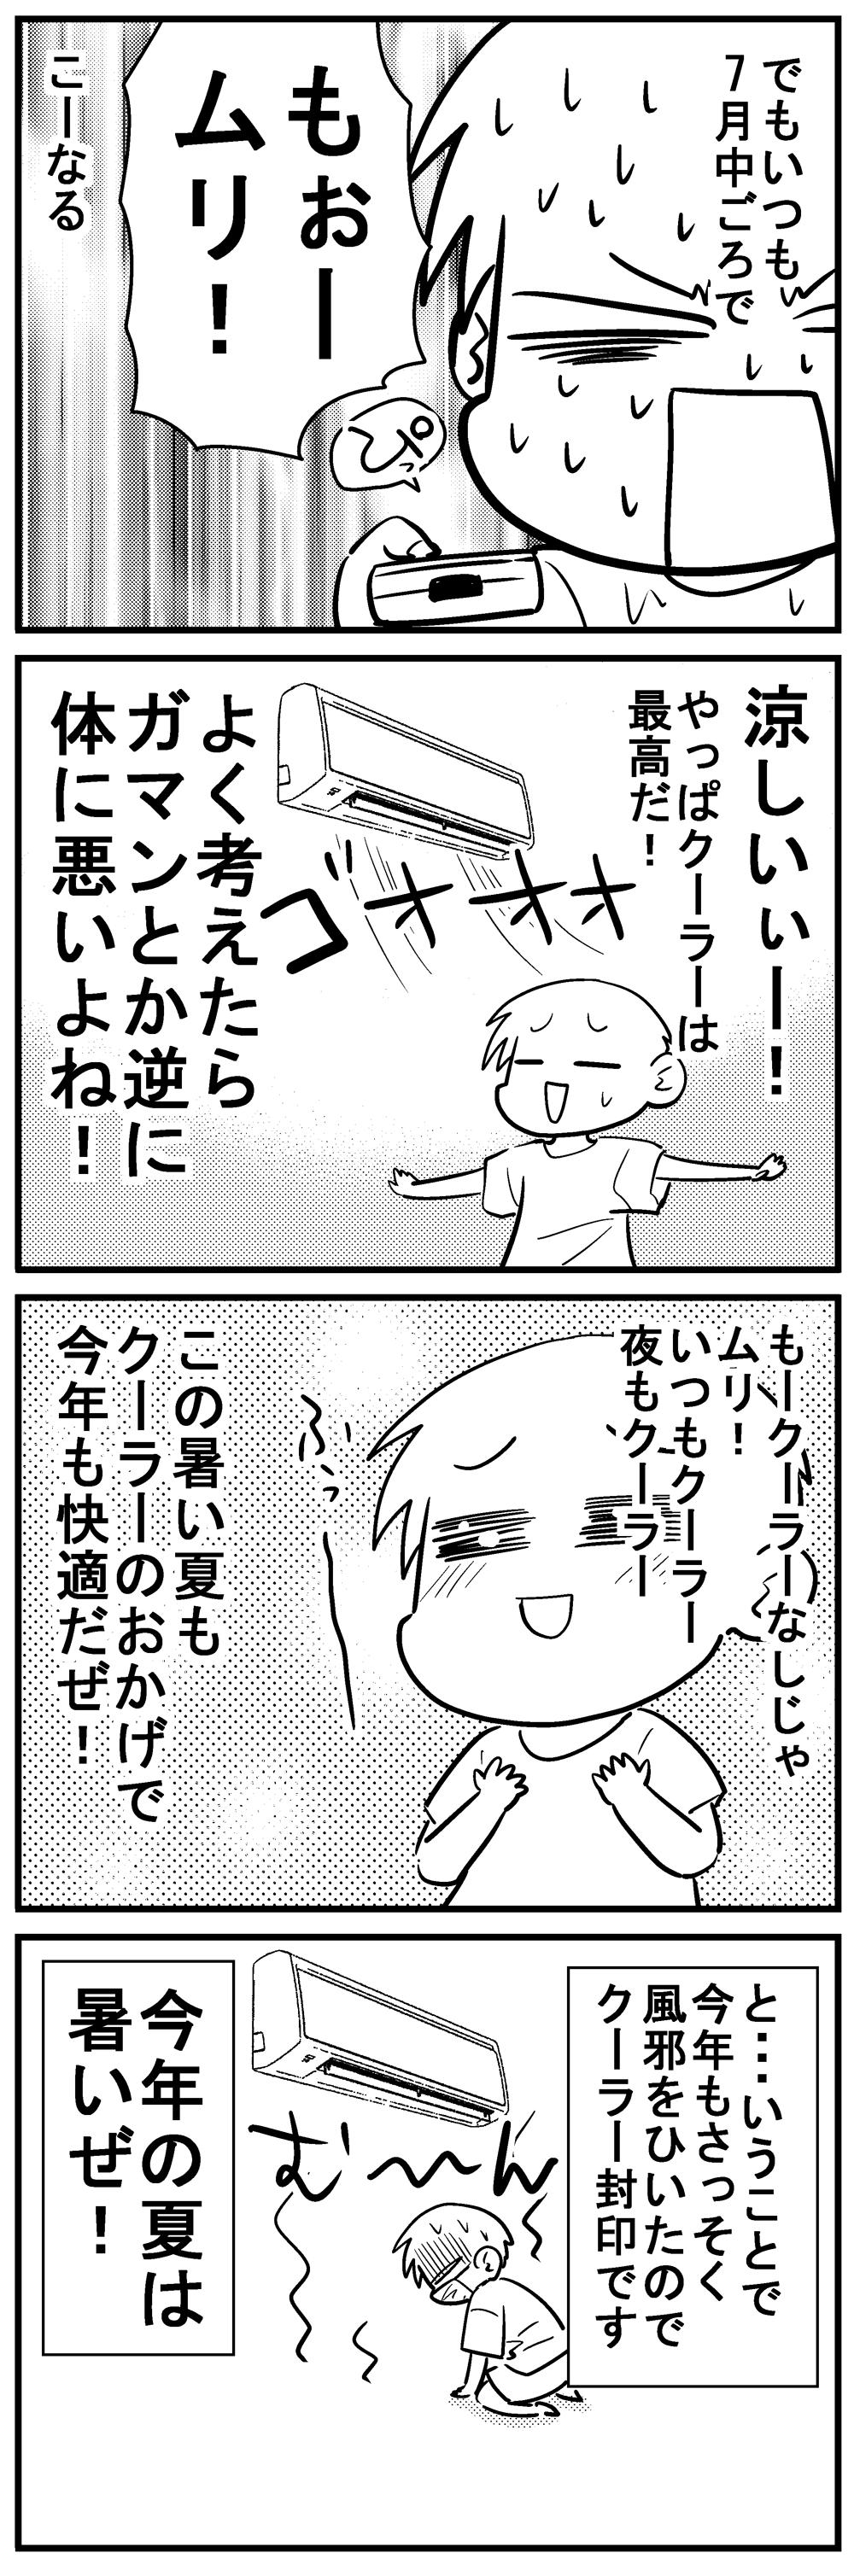 深読みくん64 4